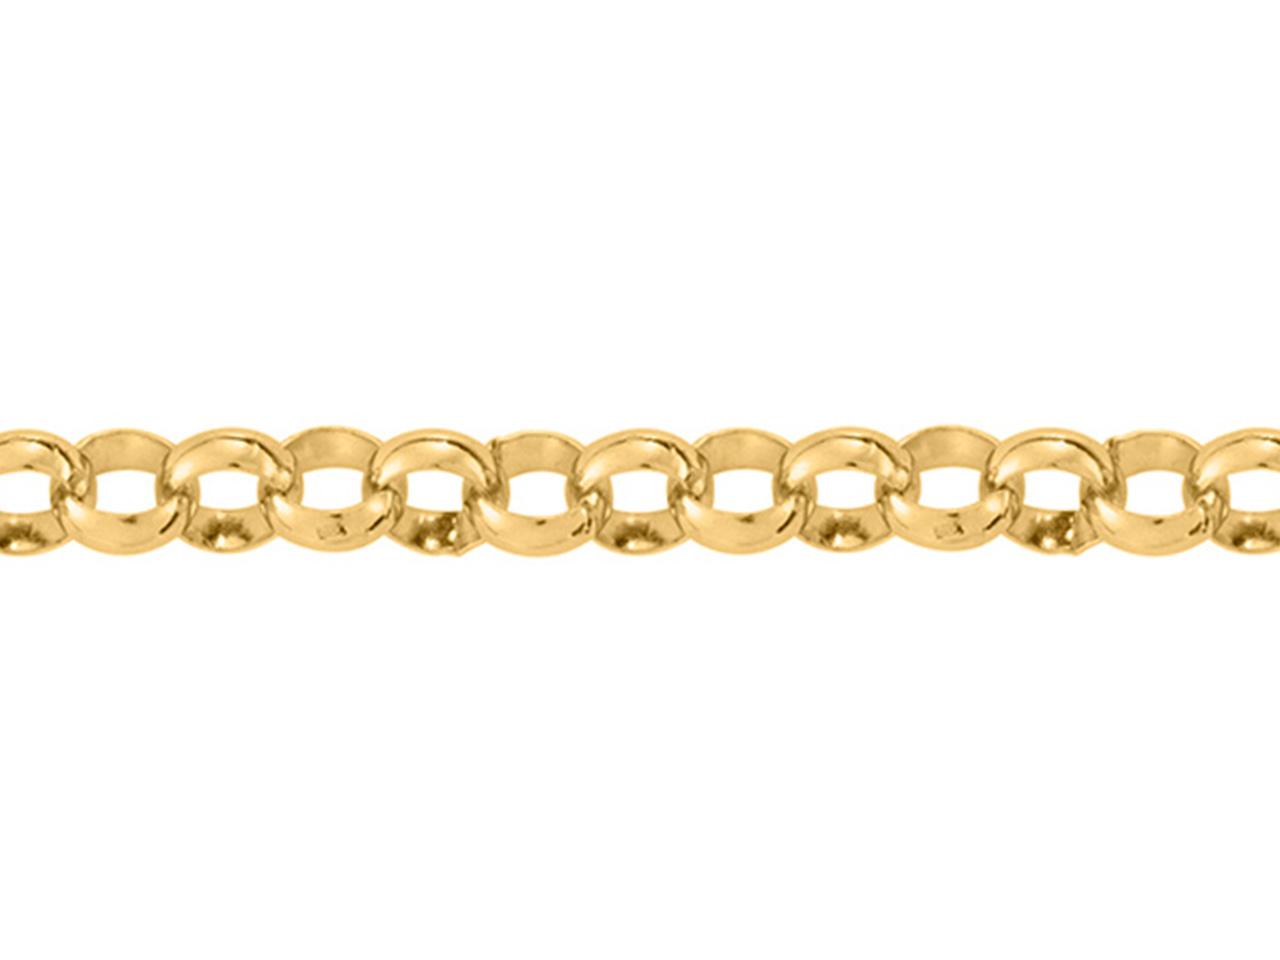 Apprêt extension chaînette Jaseron Plaqué or 18 Carats Bijoux bracelet//Collier